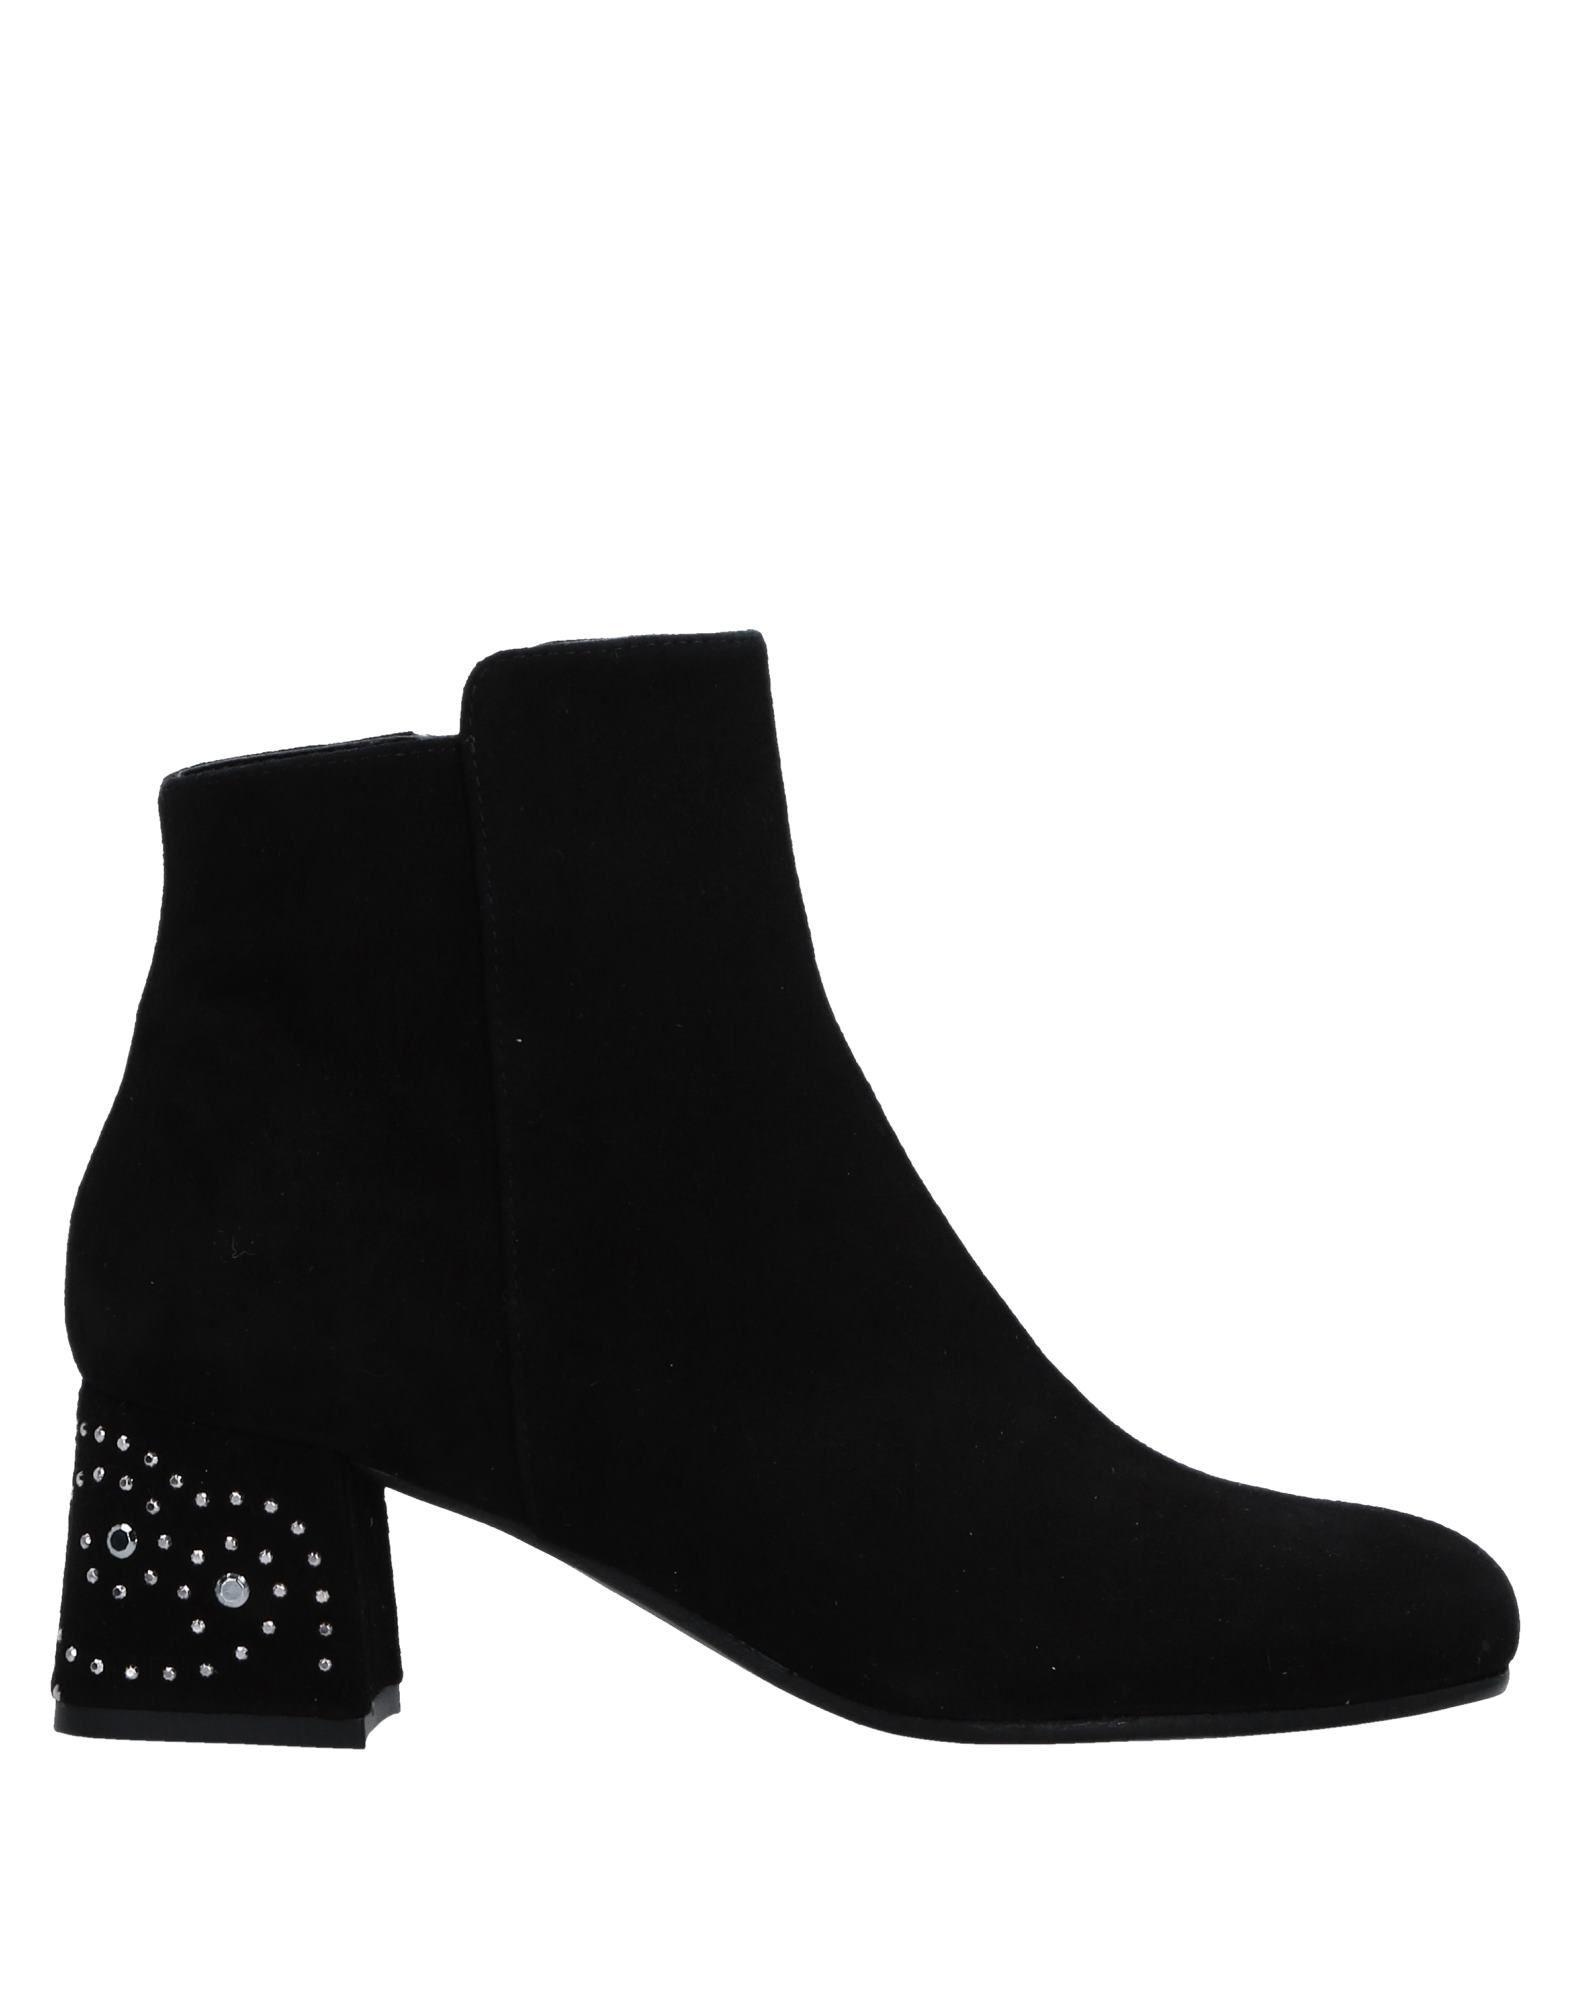 Chiarini Bologna Ankle Boot - Women Chiarini on Bologna Ankle Boots online on Chiarini  Australia - 11532996QK 0fa087